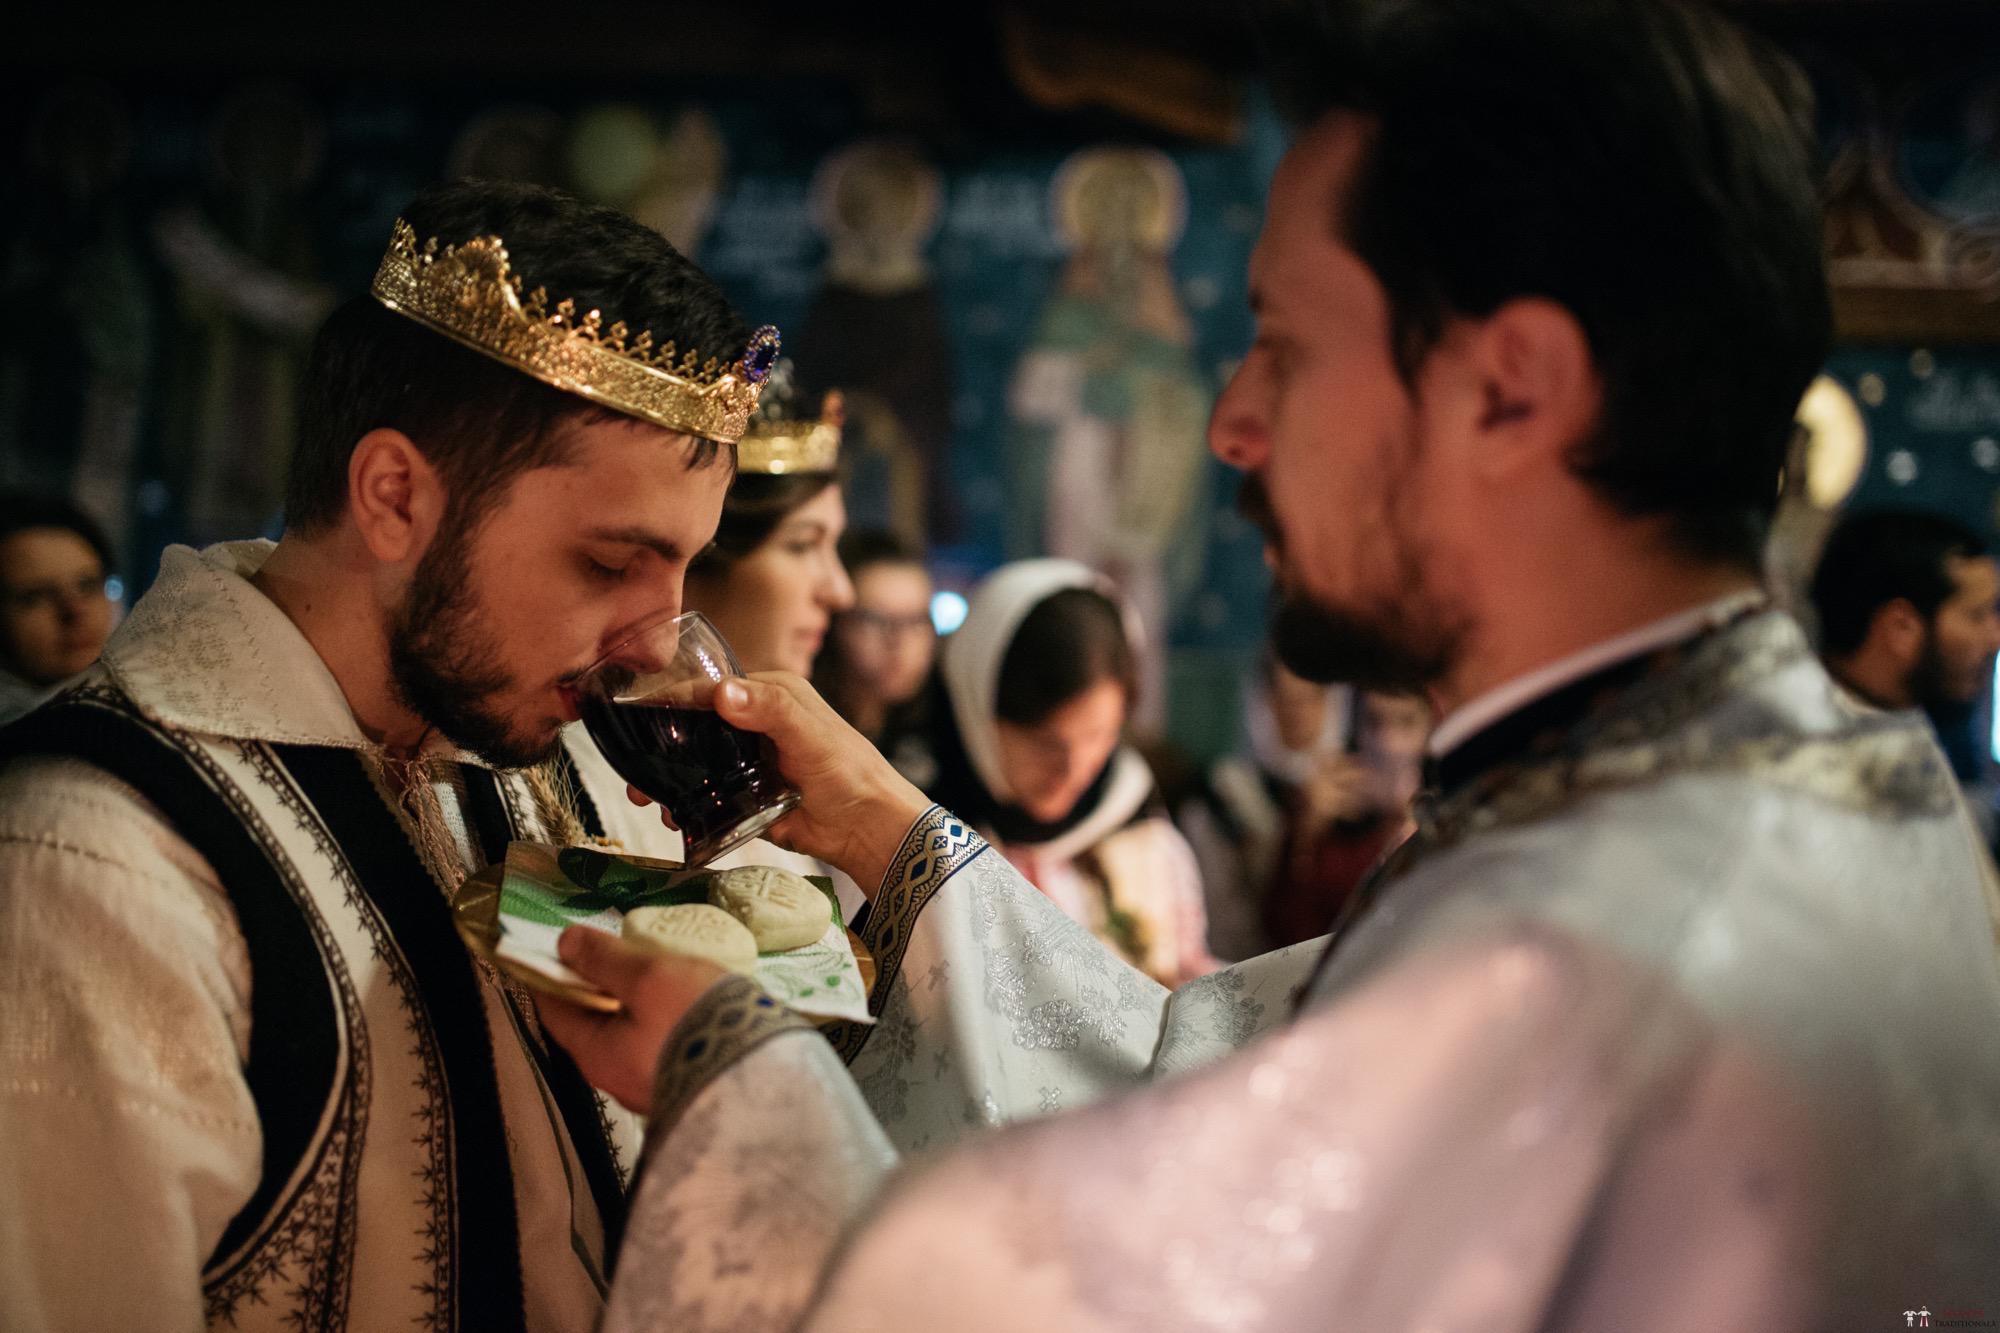 Povești Nunți Tradiționale - Gabriela și Adrian. Nuntă tradițională în Piatra Neamț 25